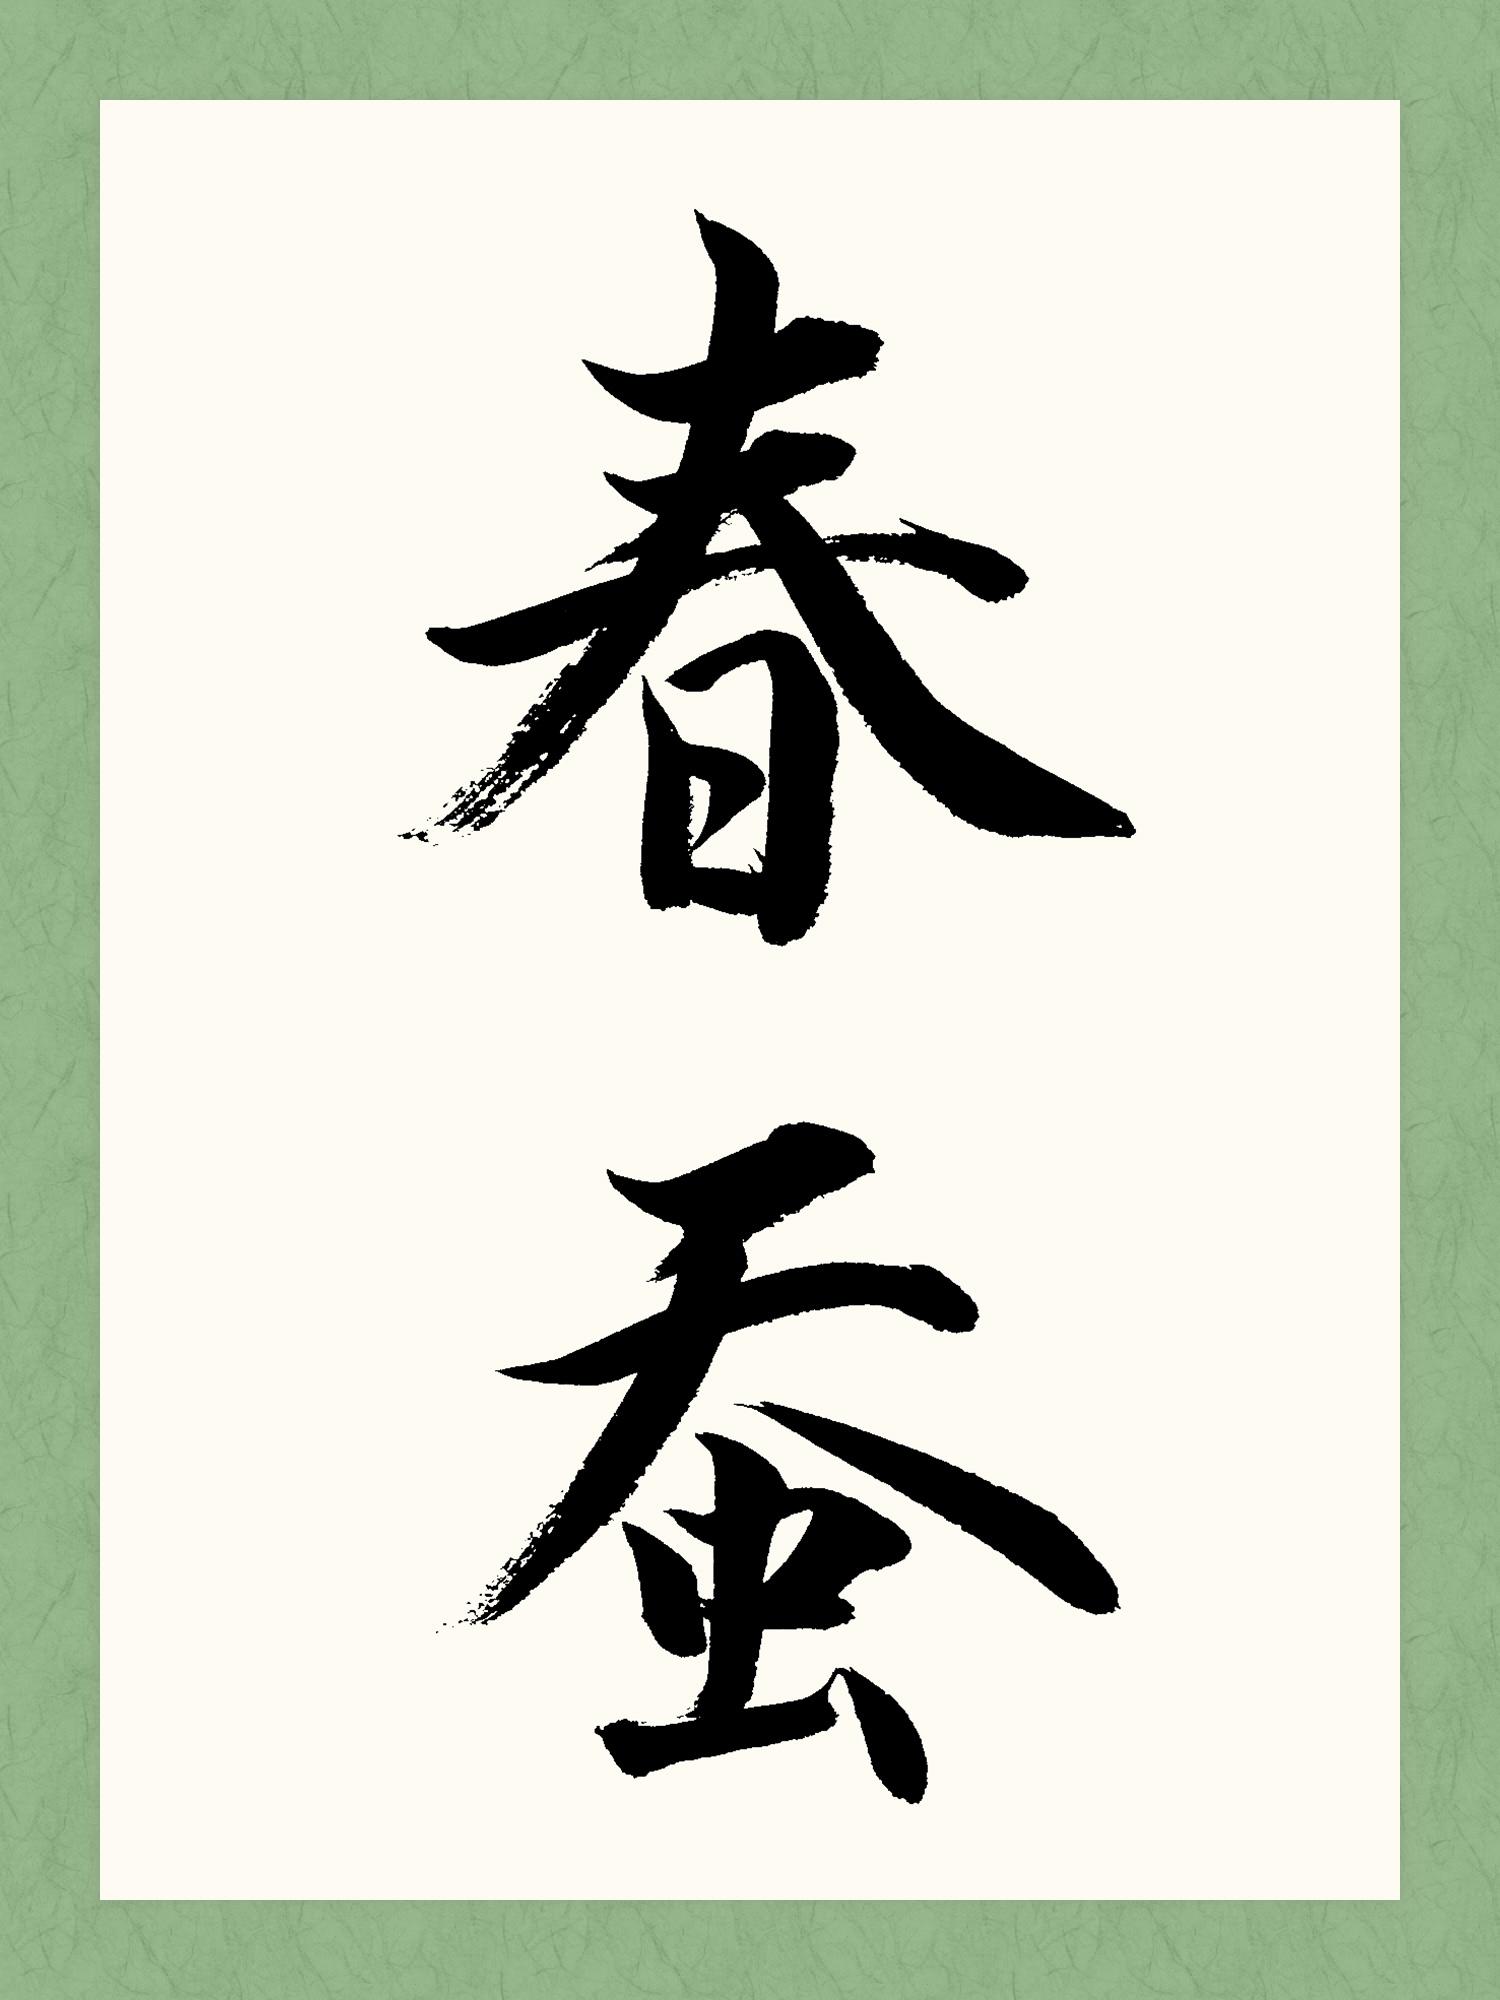 書道・習字の手本                                                                                    春蚕                            (はるご)